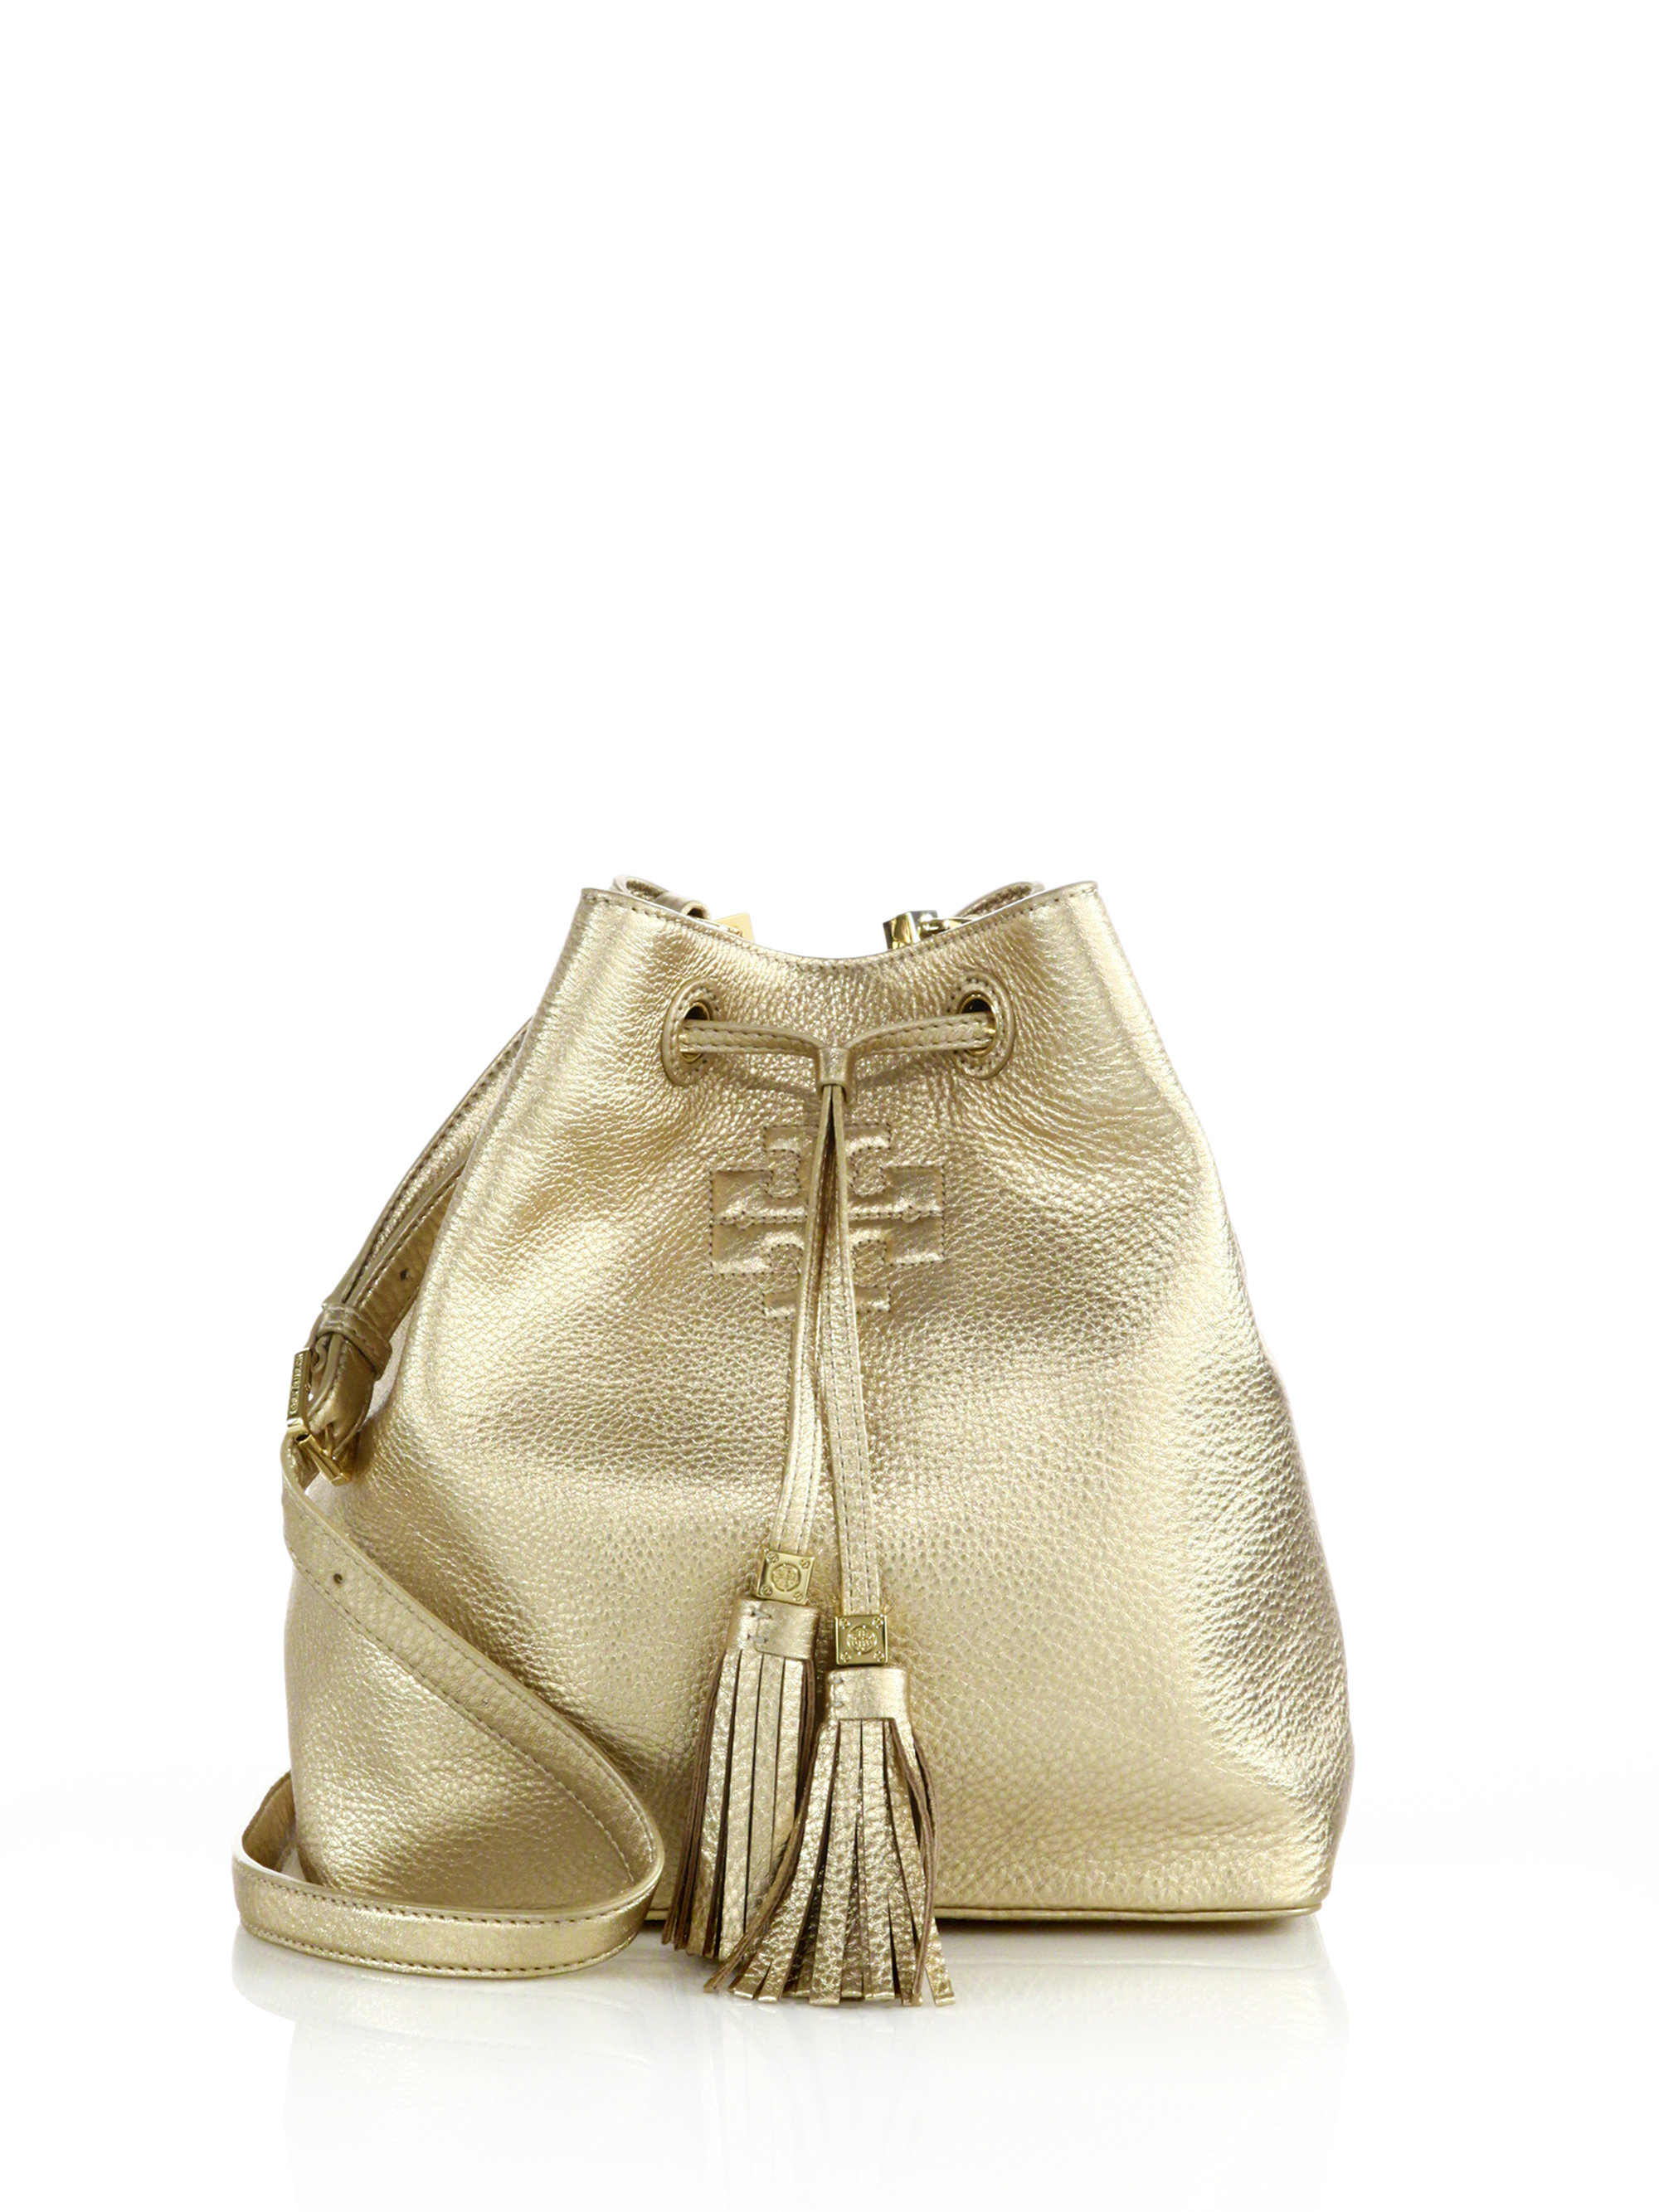 e17b14bb5982 Lyst - Tory Burch Thea Metallic-Leather Bucket Bag in Metallic